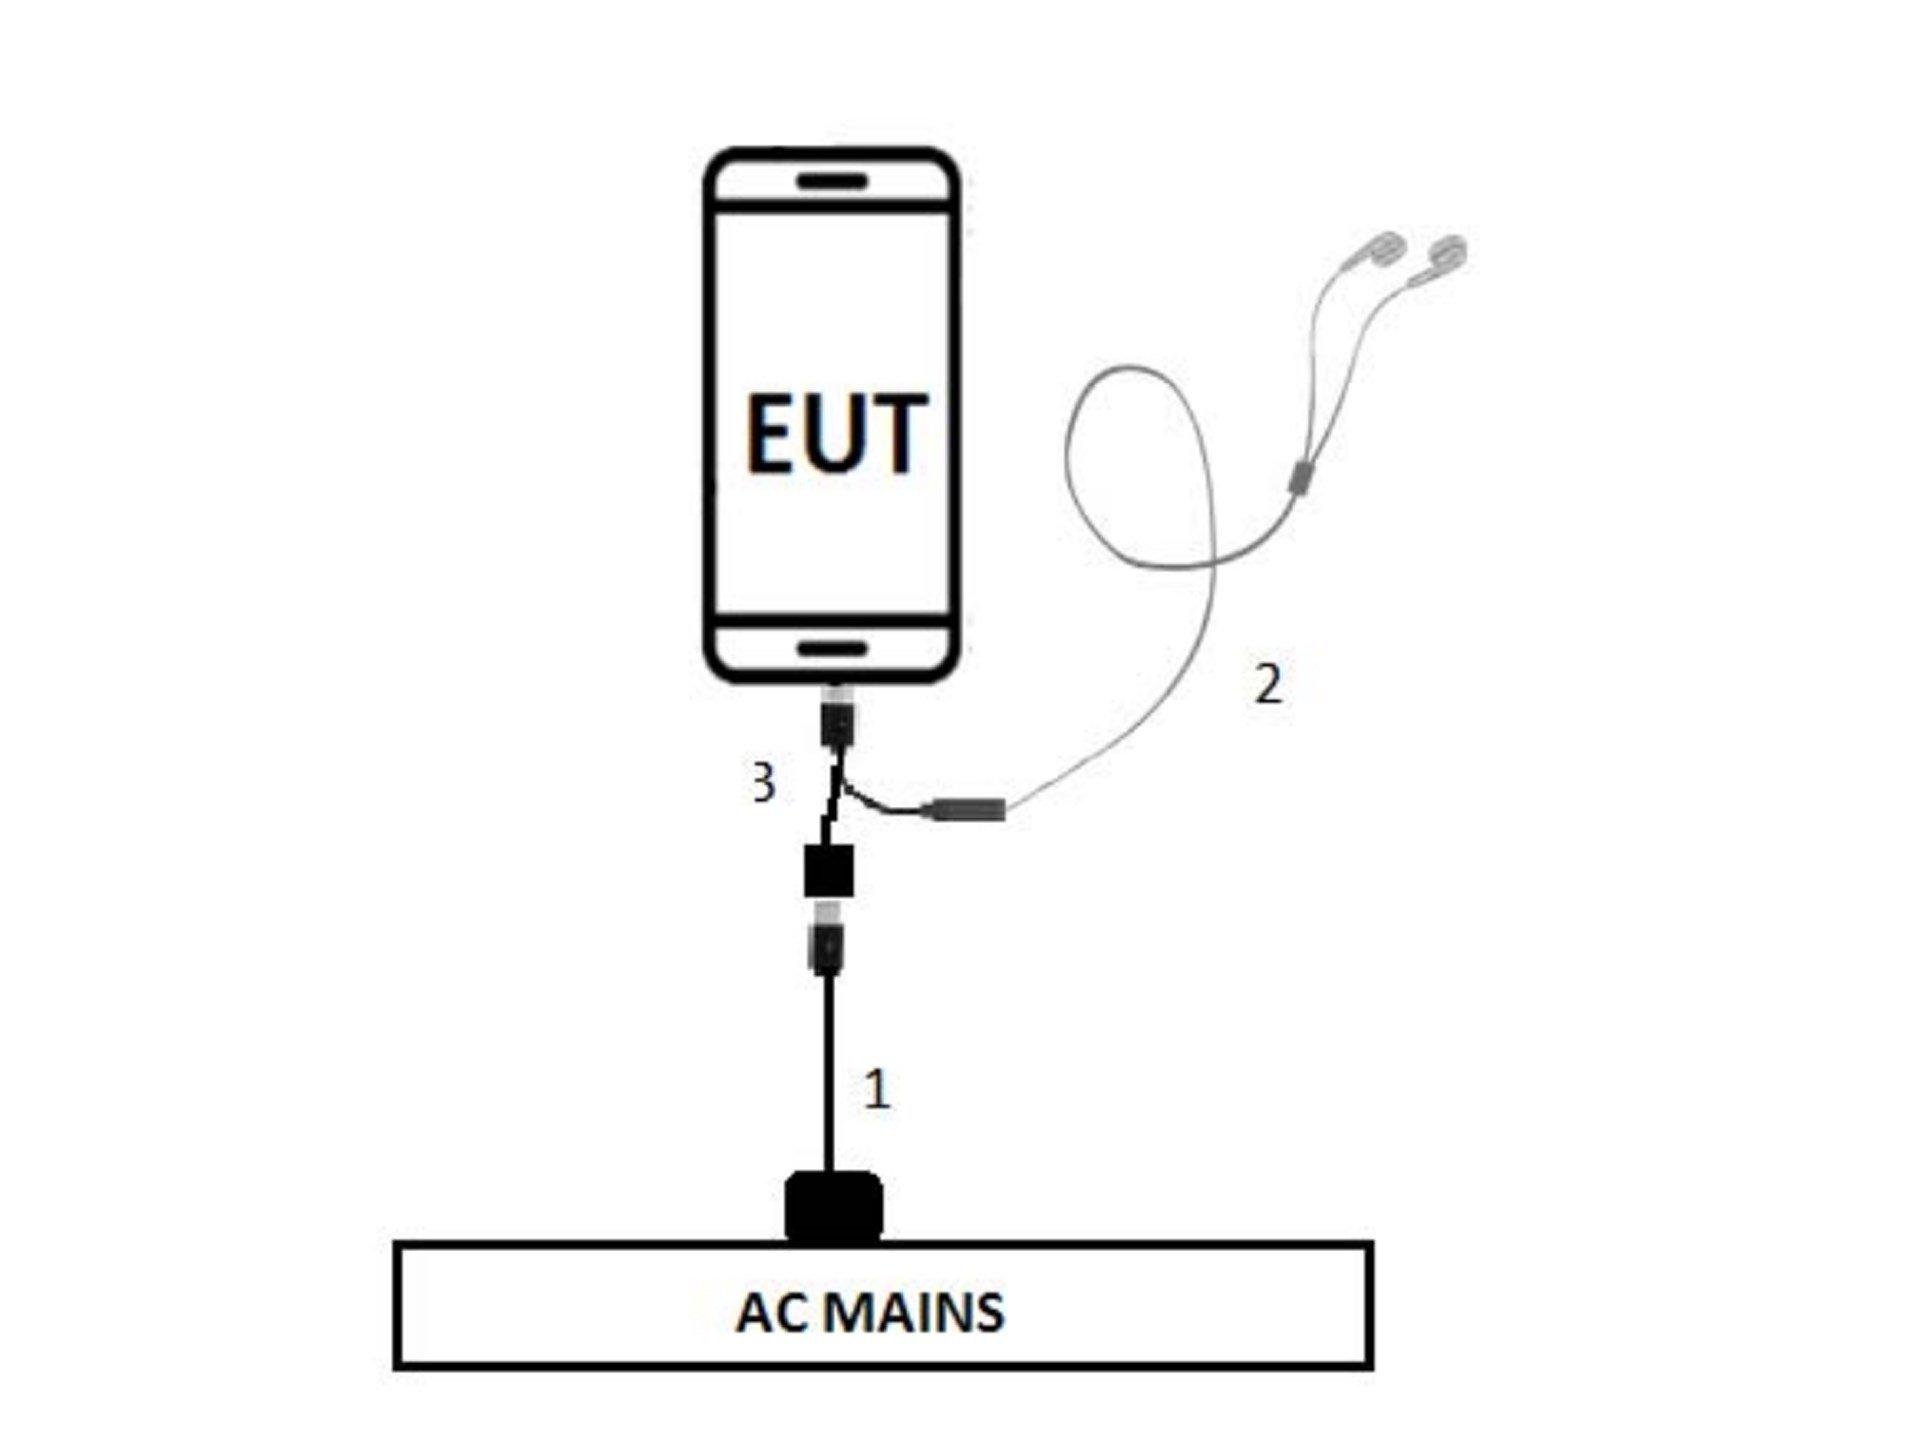 imagem da fcc smartphone sony